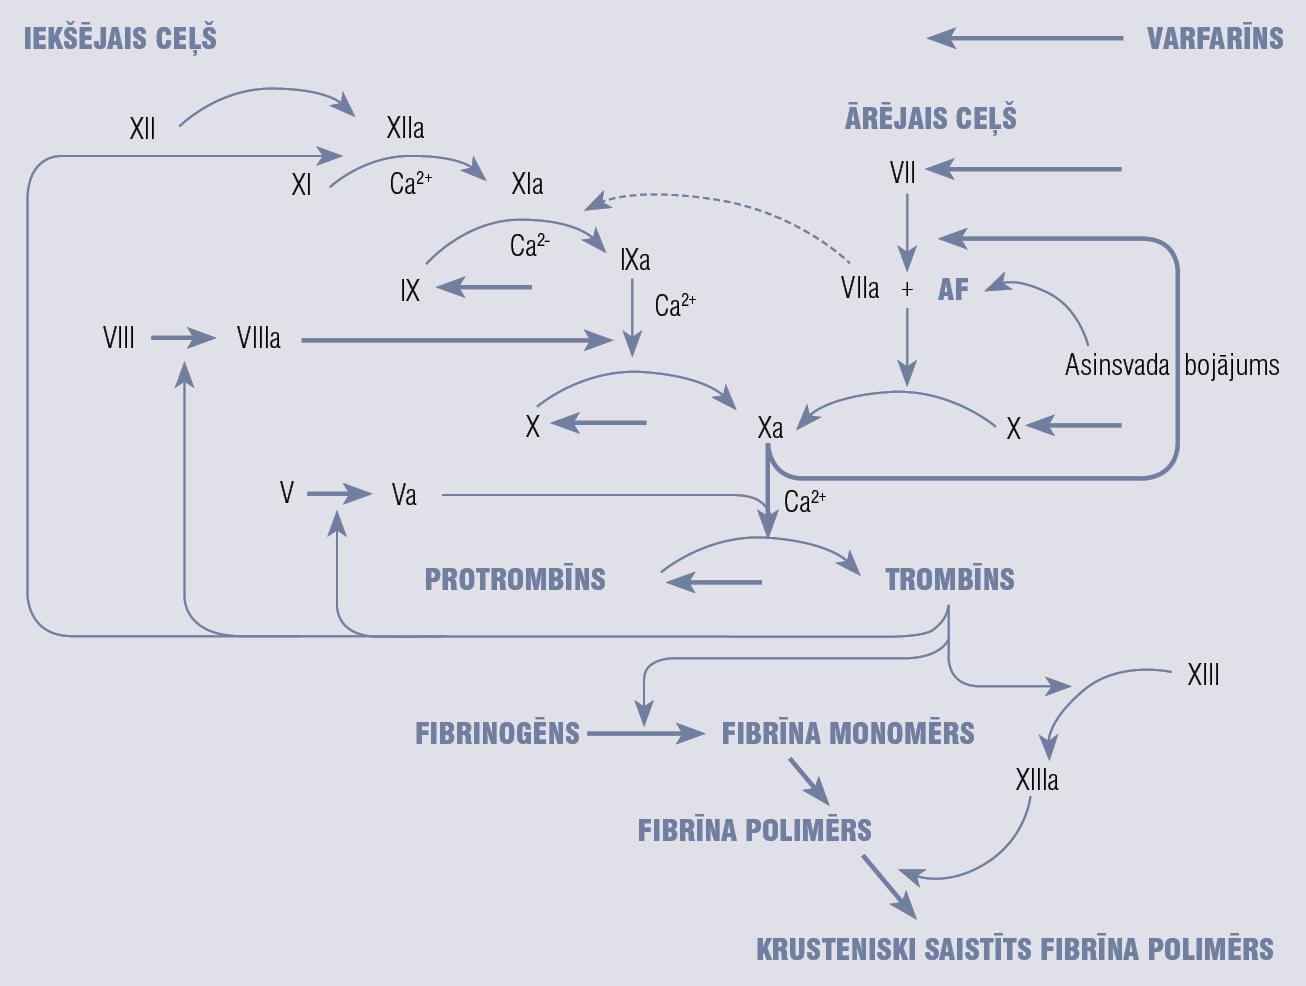 Varfarīna darbības mehānisms (pārveidots pēc Peter J. Lin, 2005)